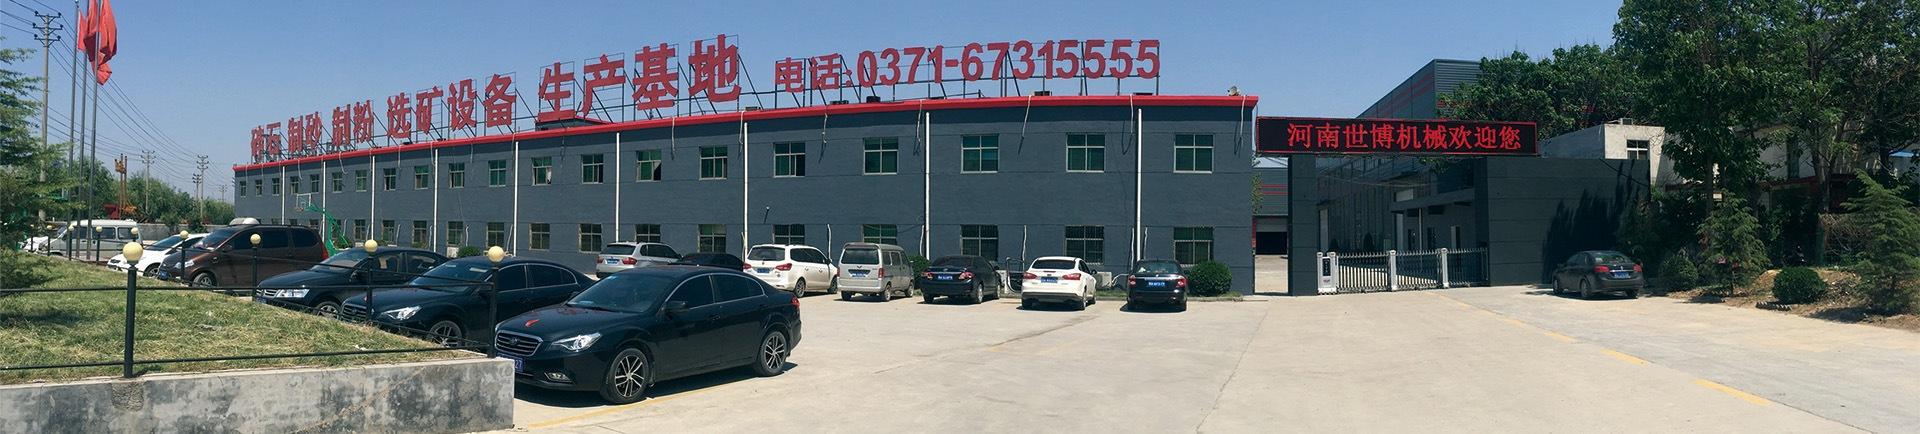 河南手机领取58彩金网址机械工程有限公司